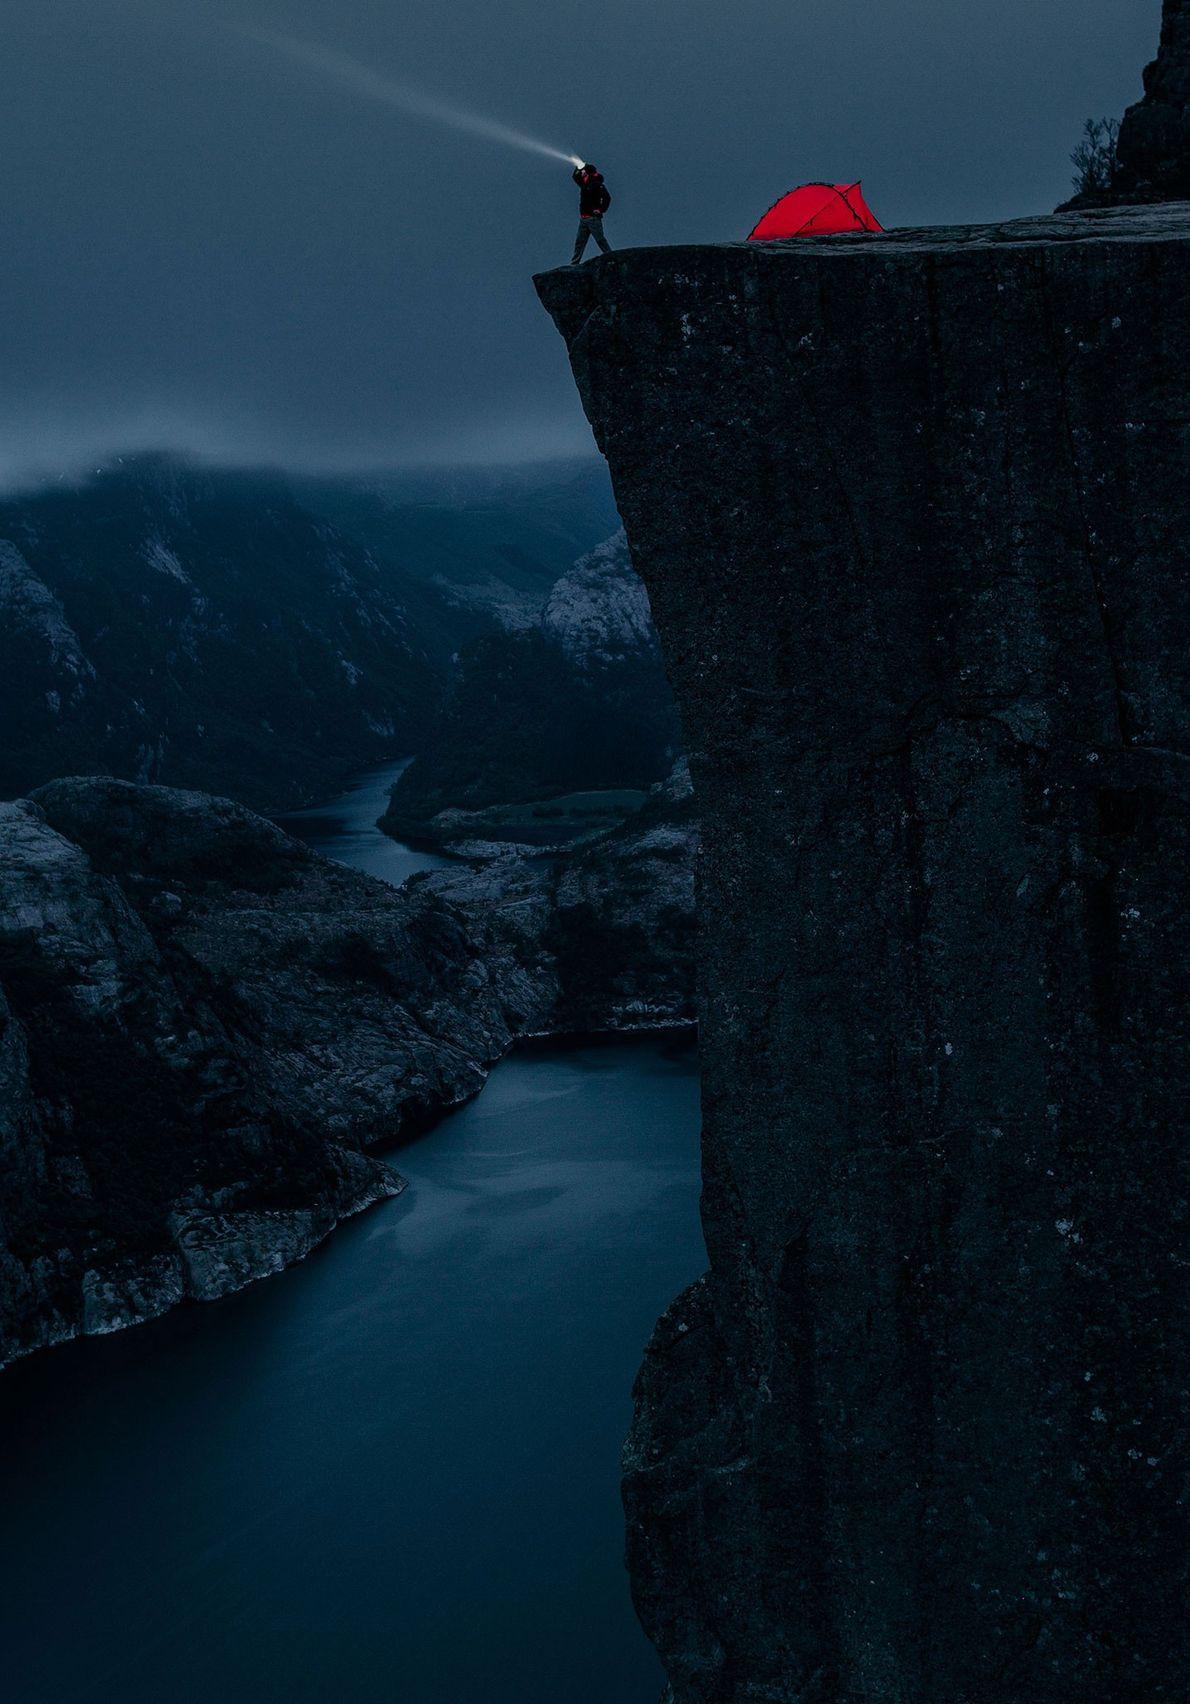 Preikestolen cliff, Forsand, Norway